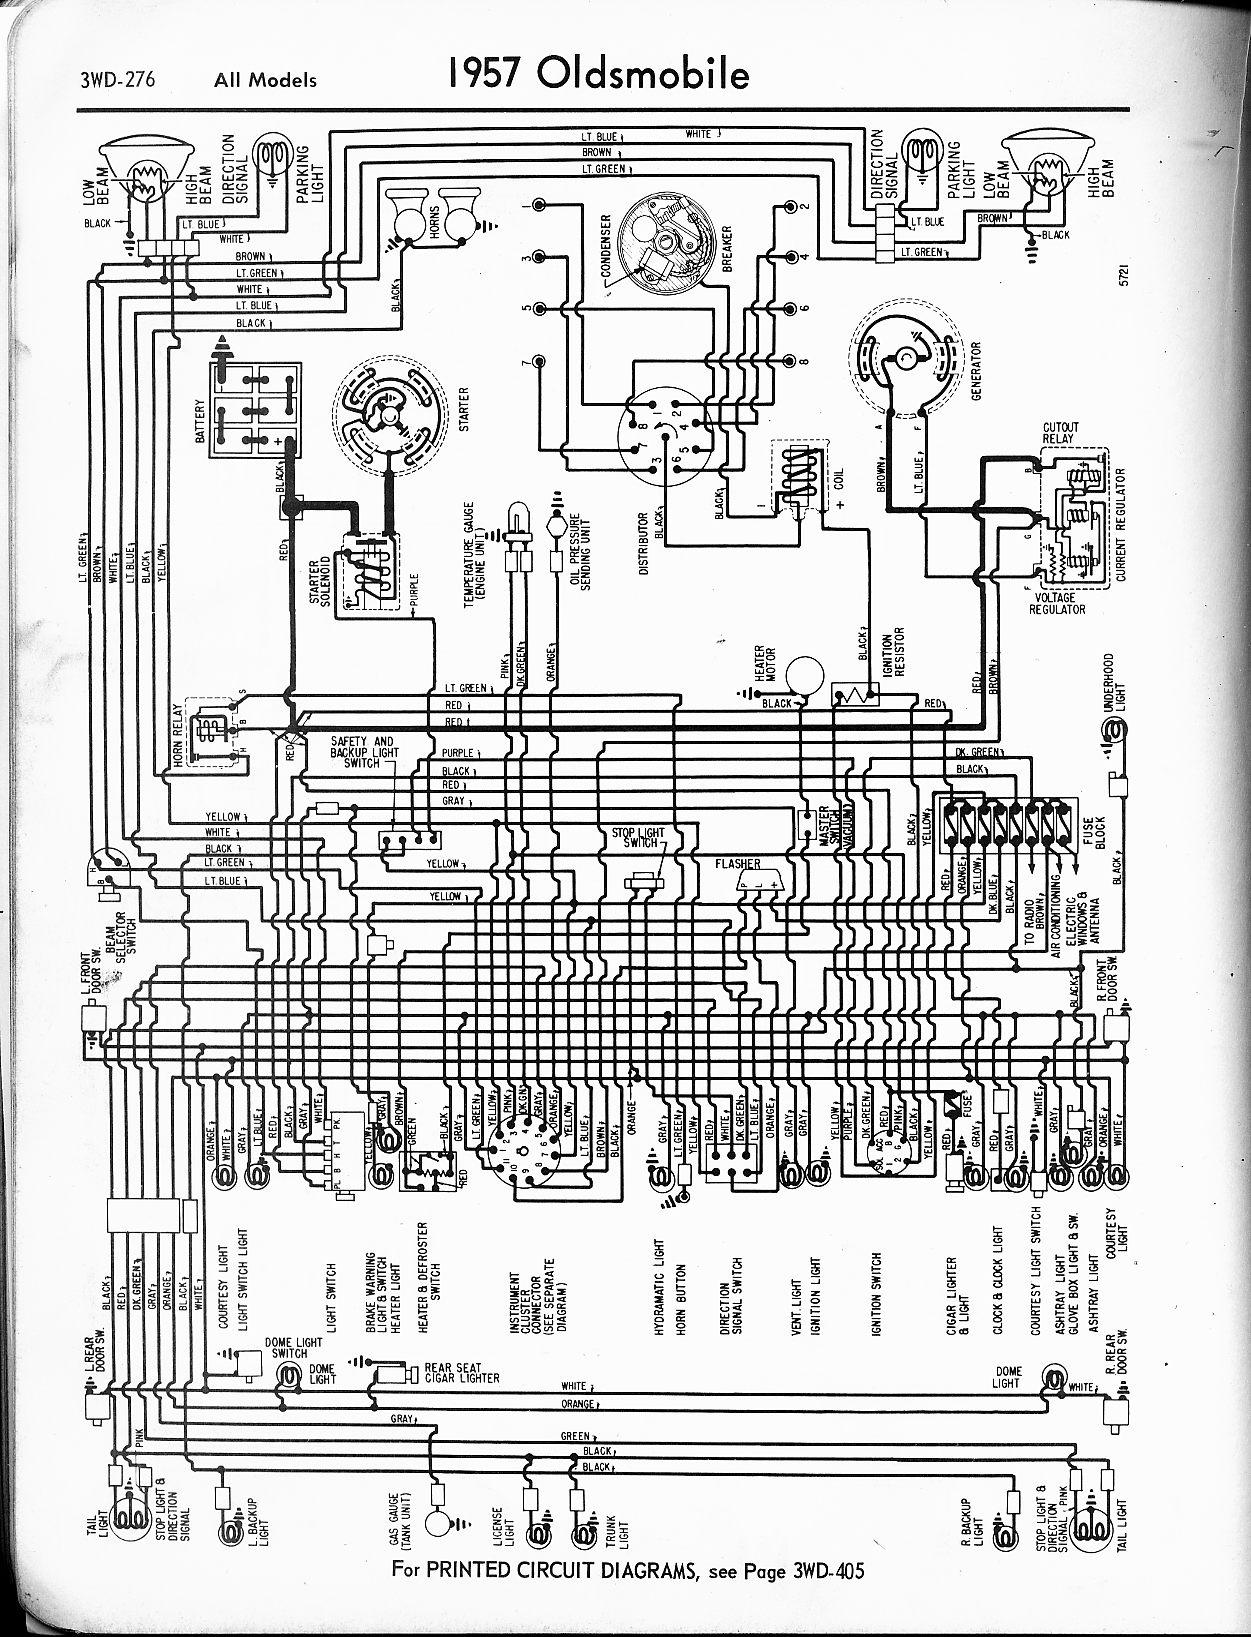 Omega Gauges Wiring Diagram | Free Wiring Diagram on